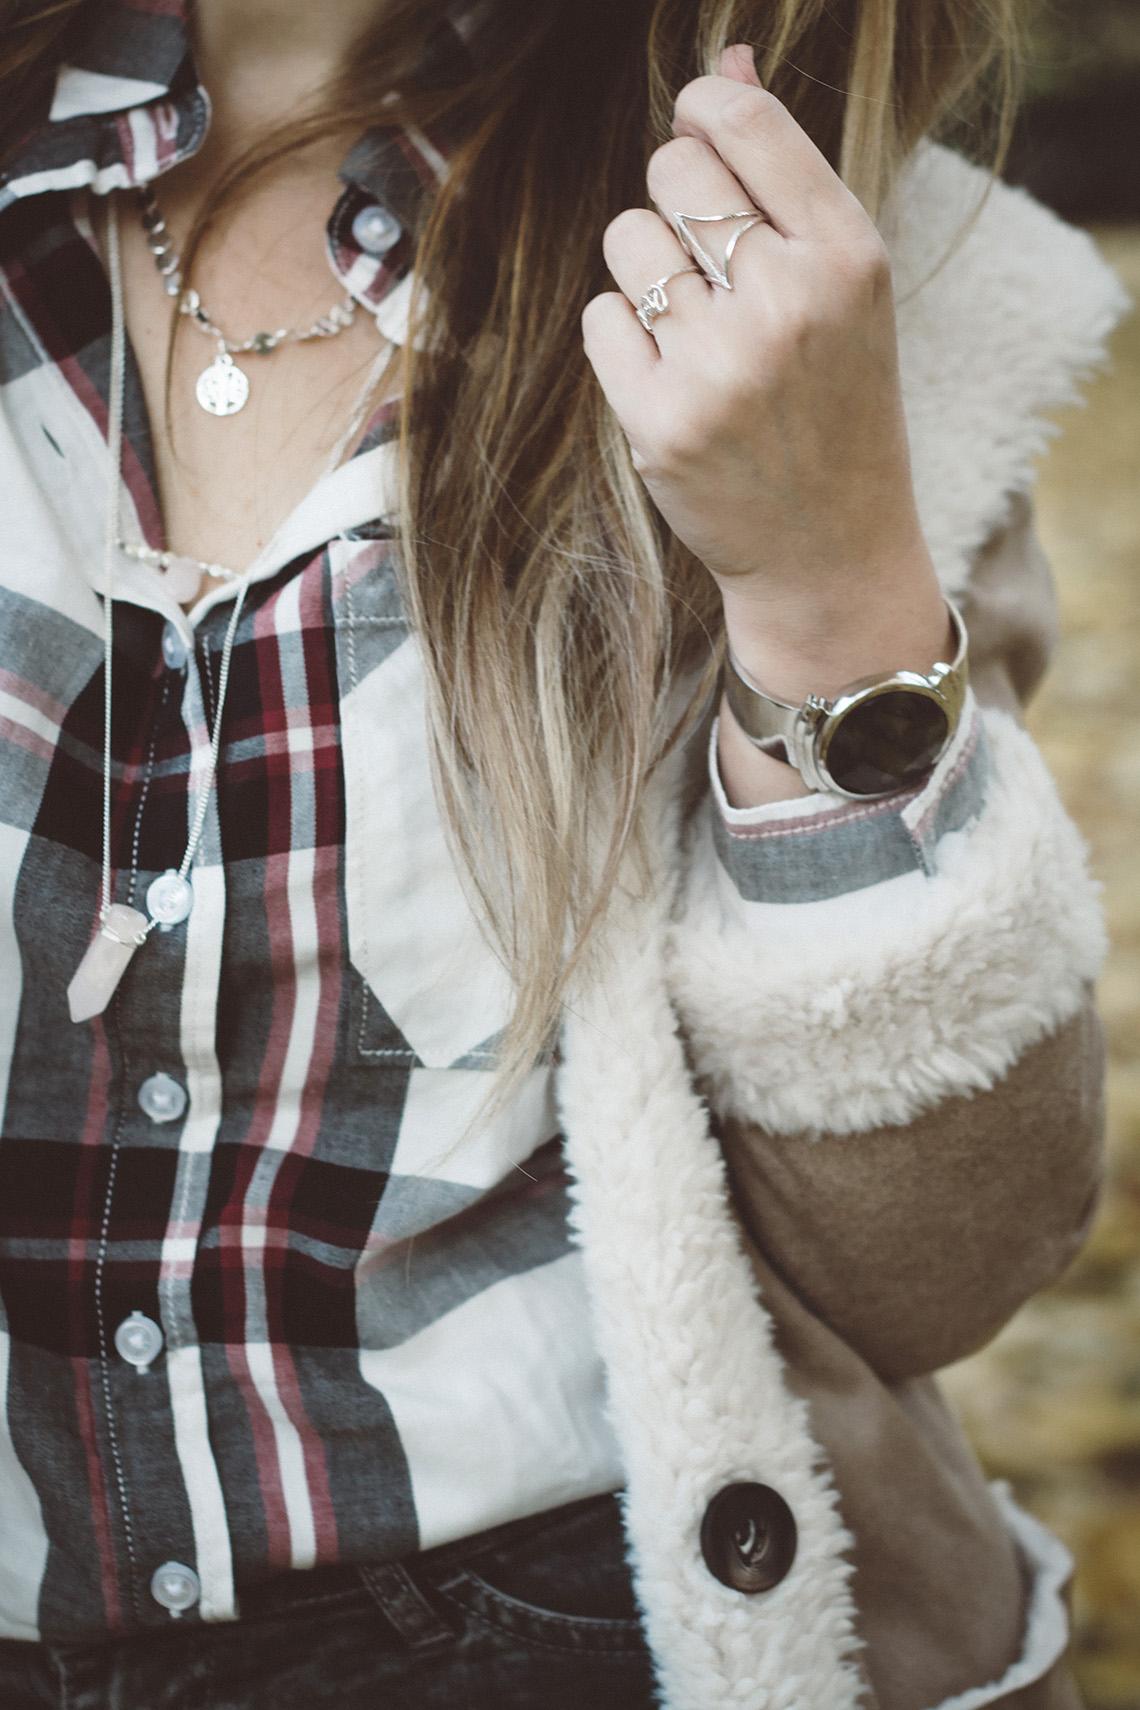 montone_il_cappotto_per_l_inverno_2017_dressing_and_toppings_2